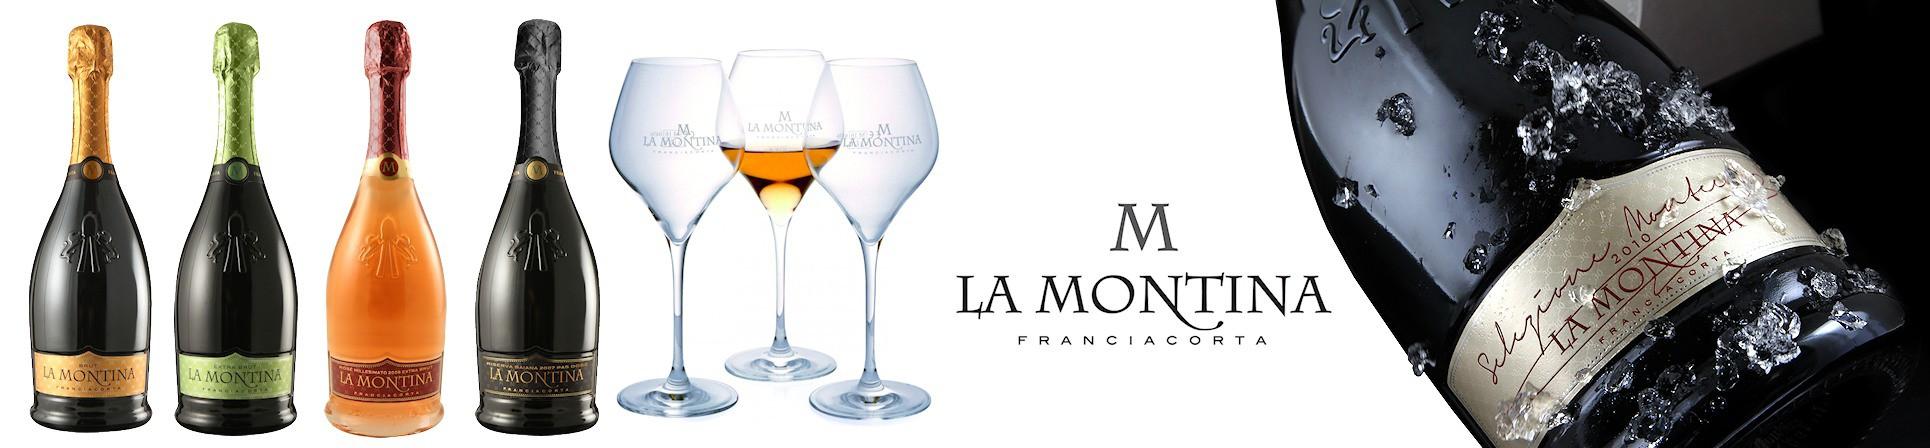 Franciacorta vendita online - La MONTINA